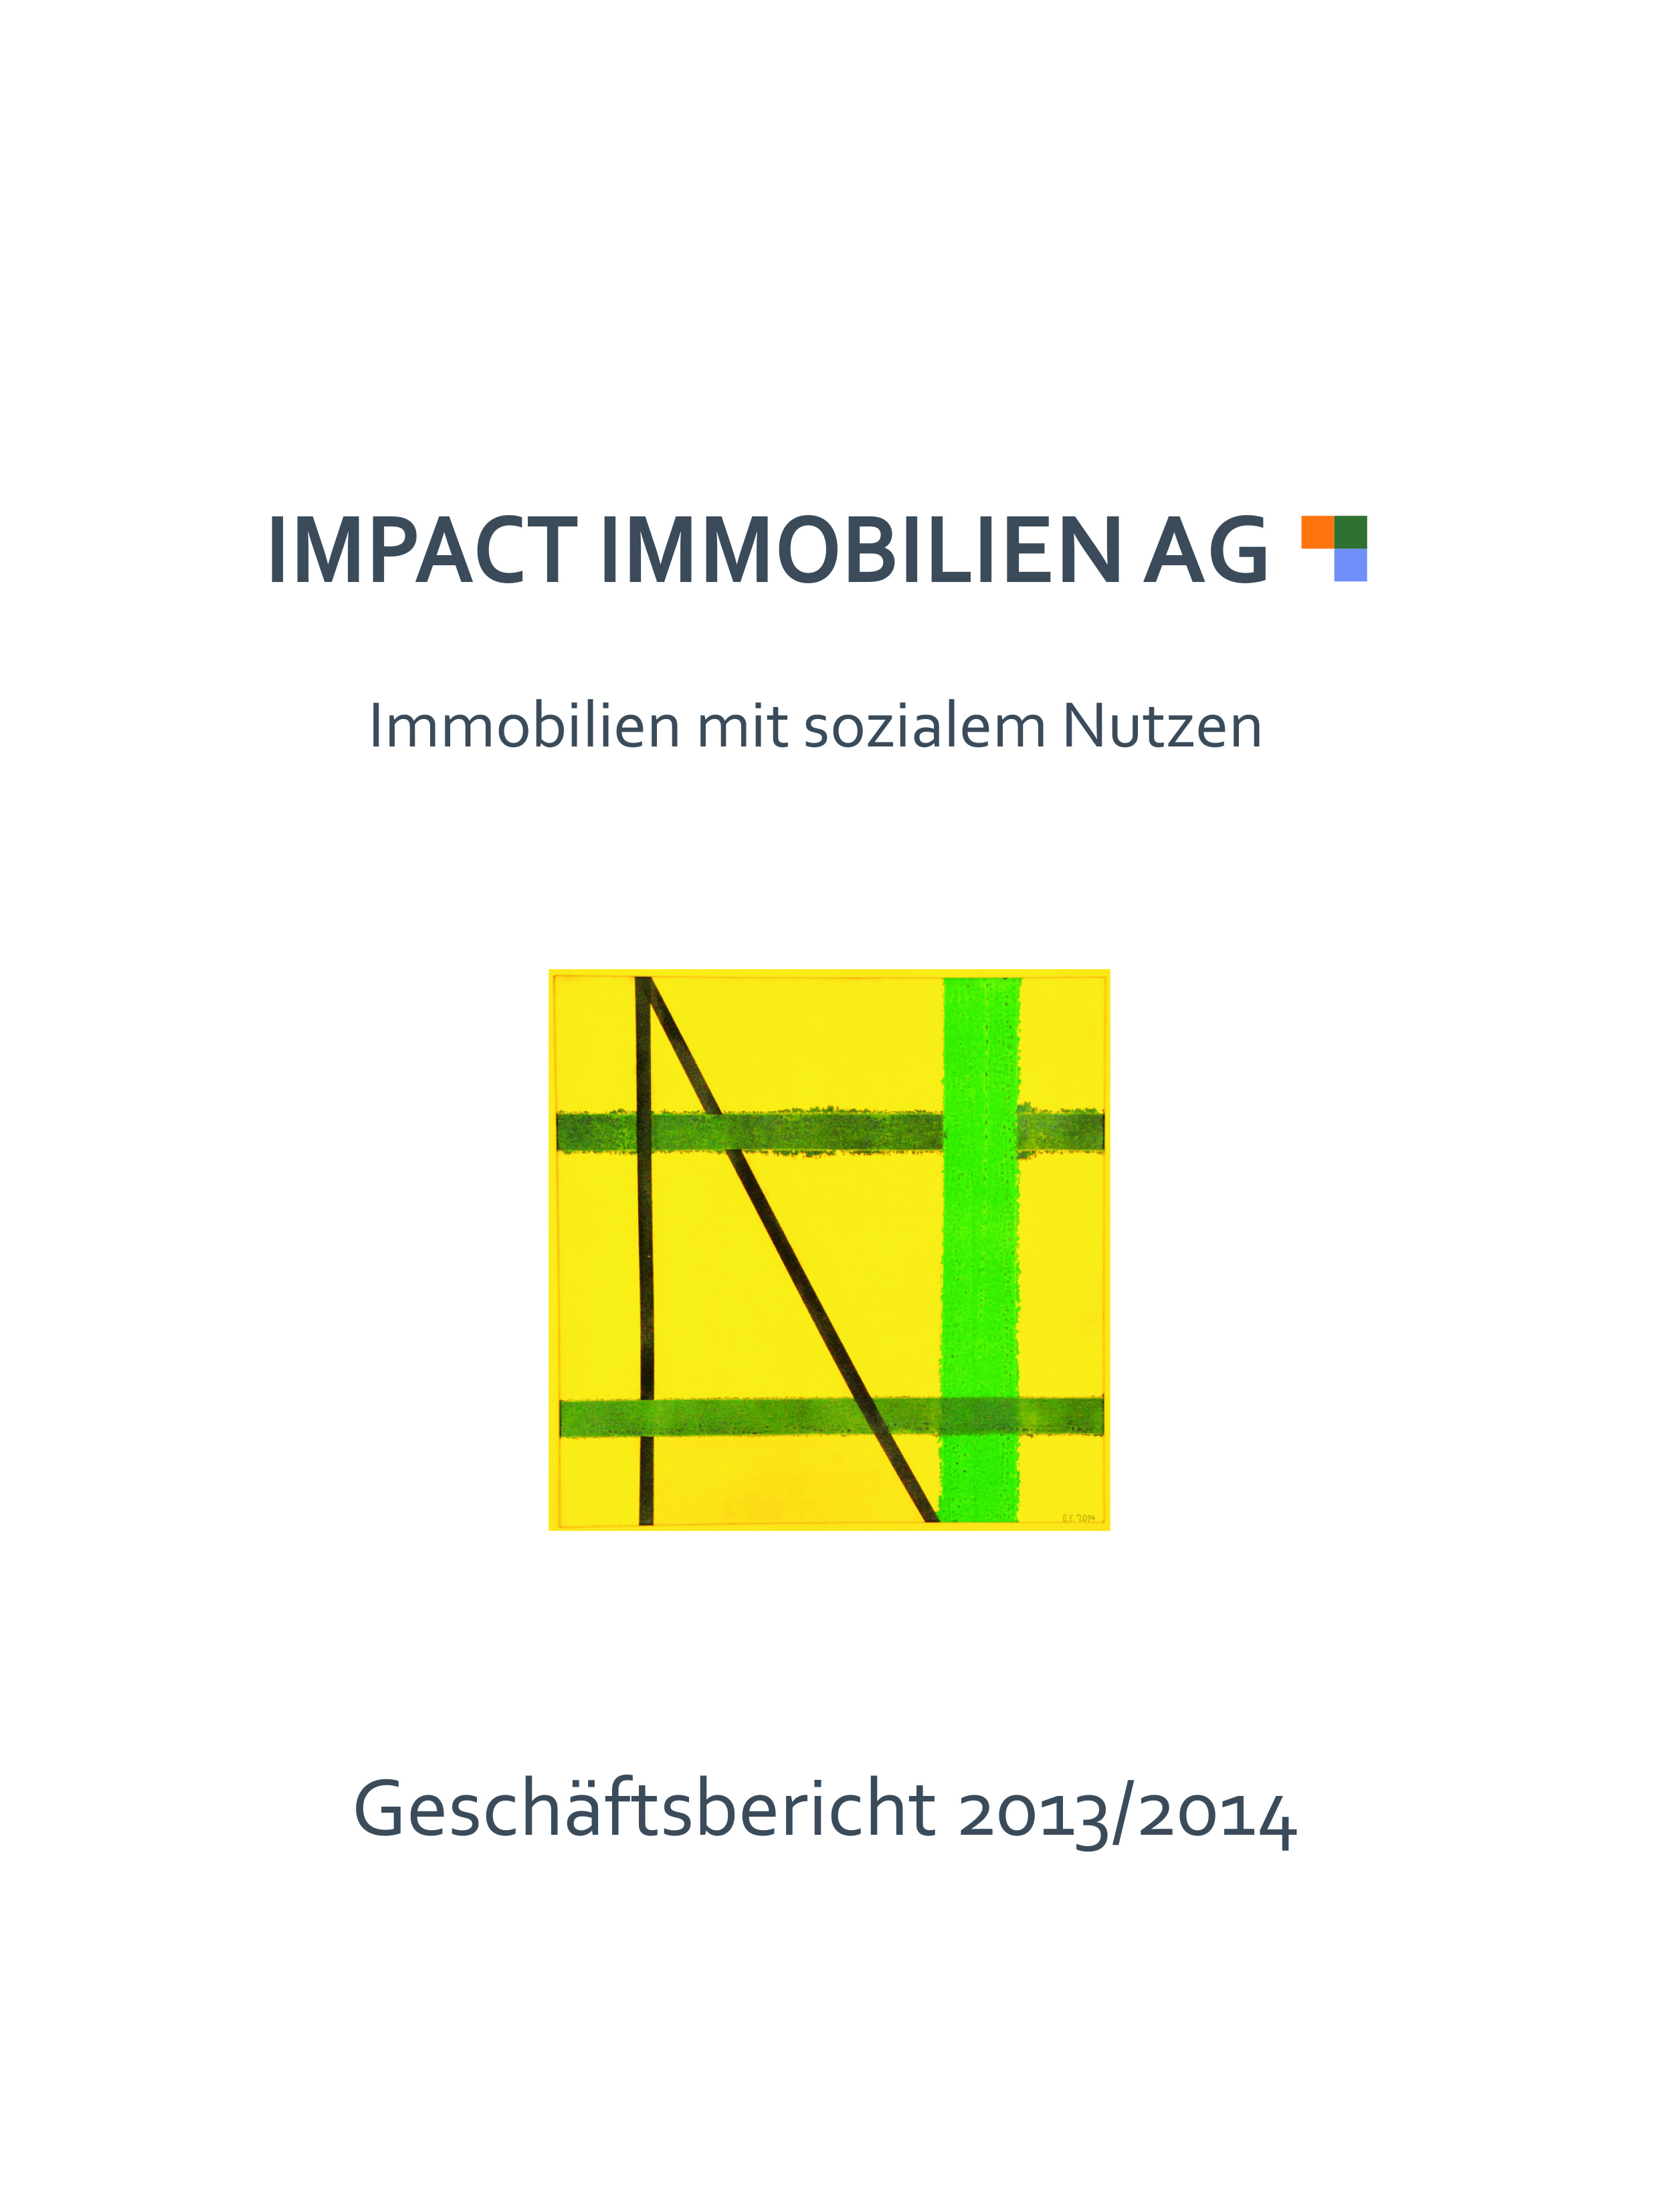 Geschftsbericht-IIAG-2013-14-min